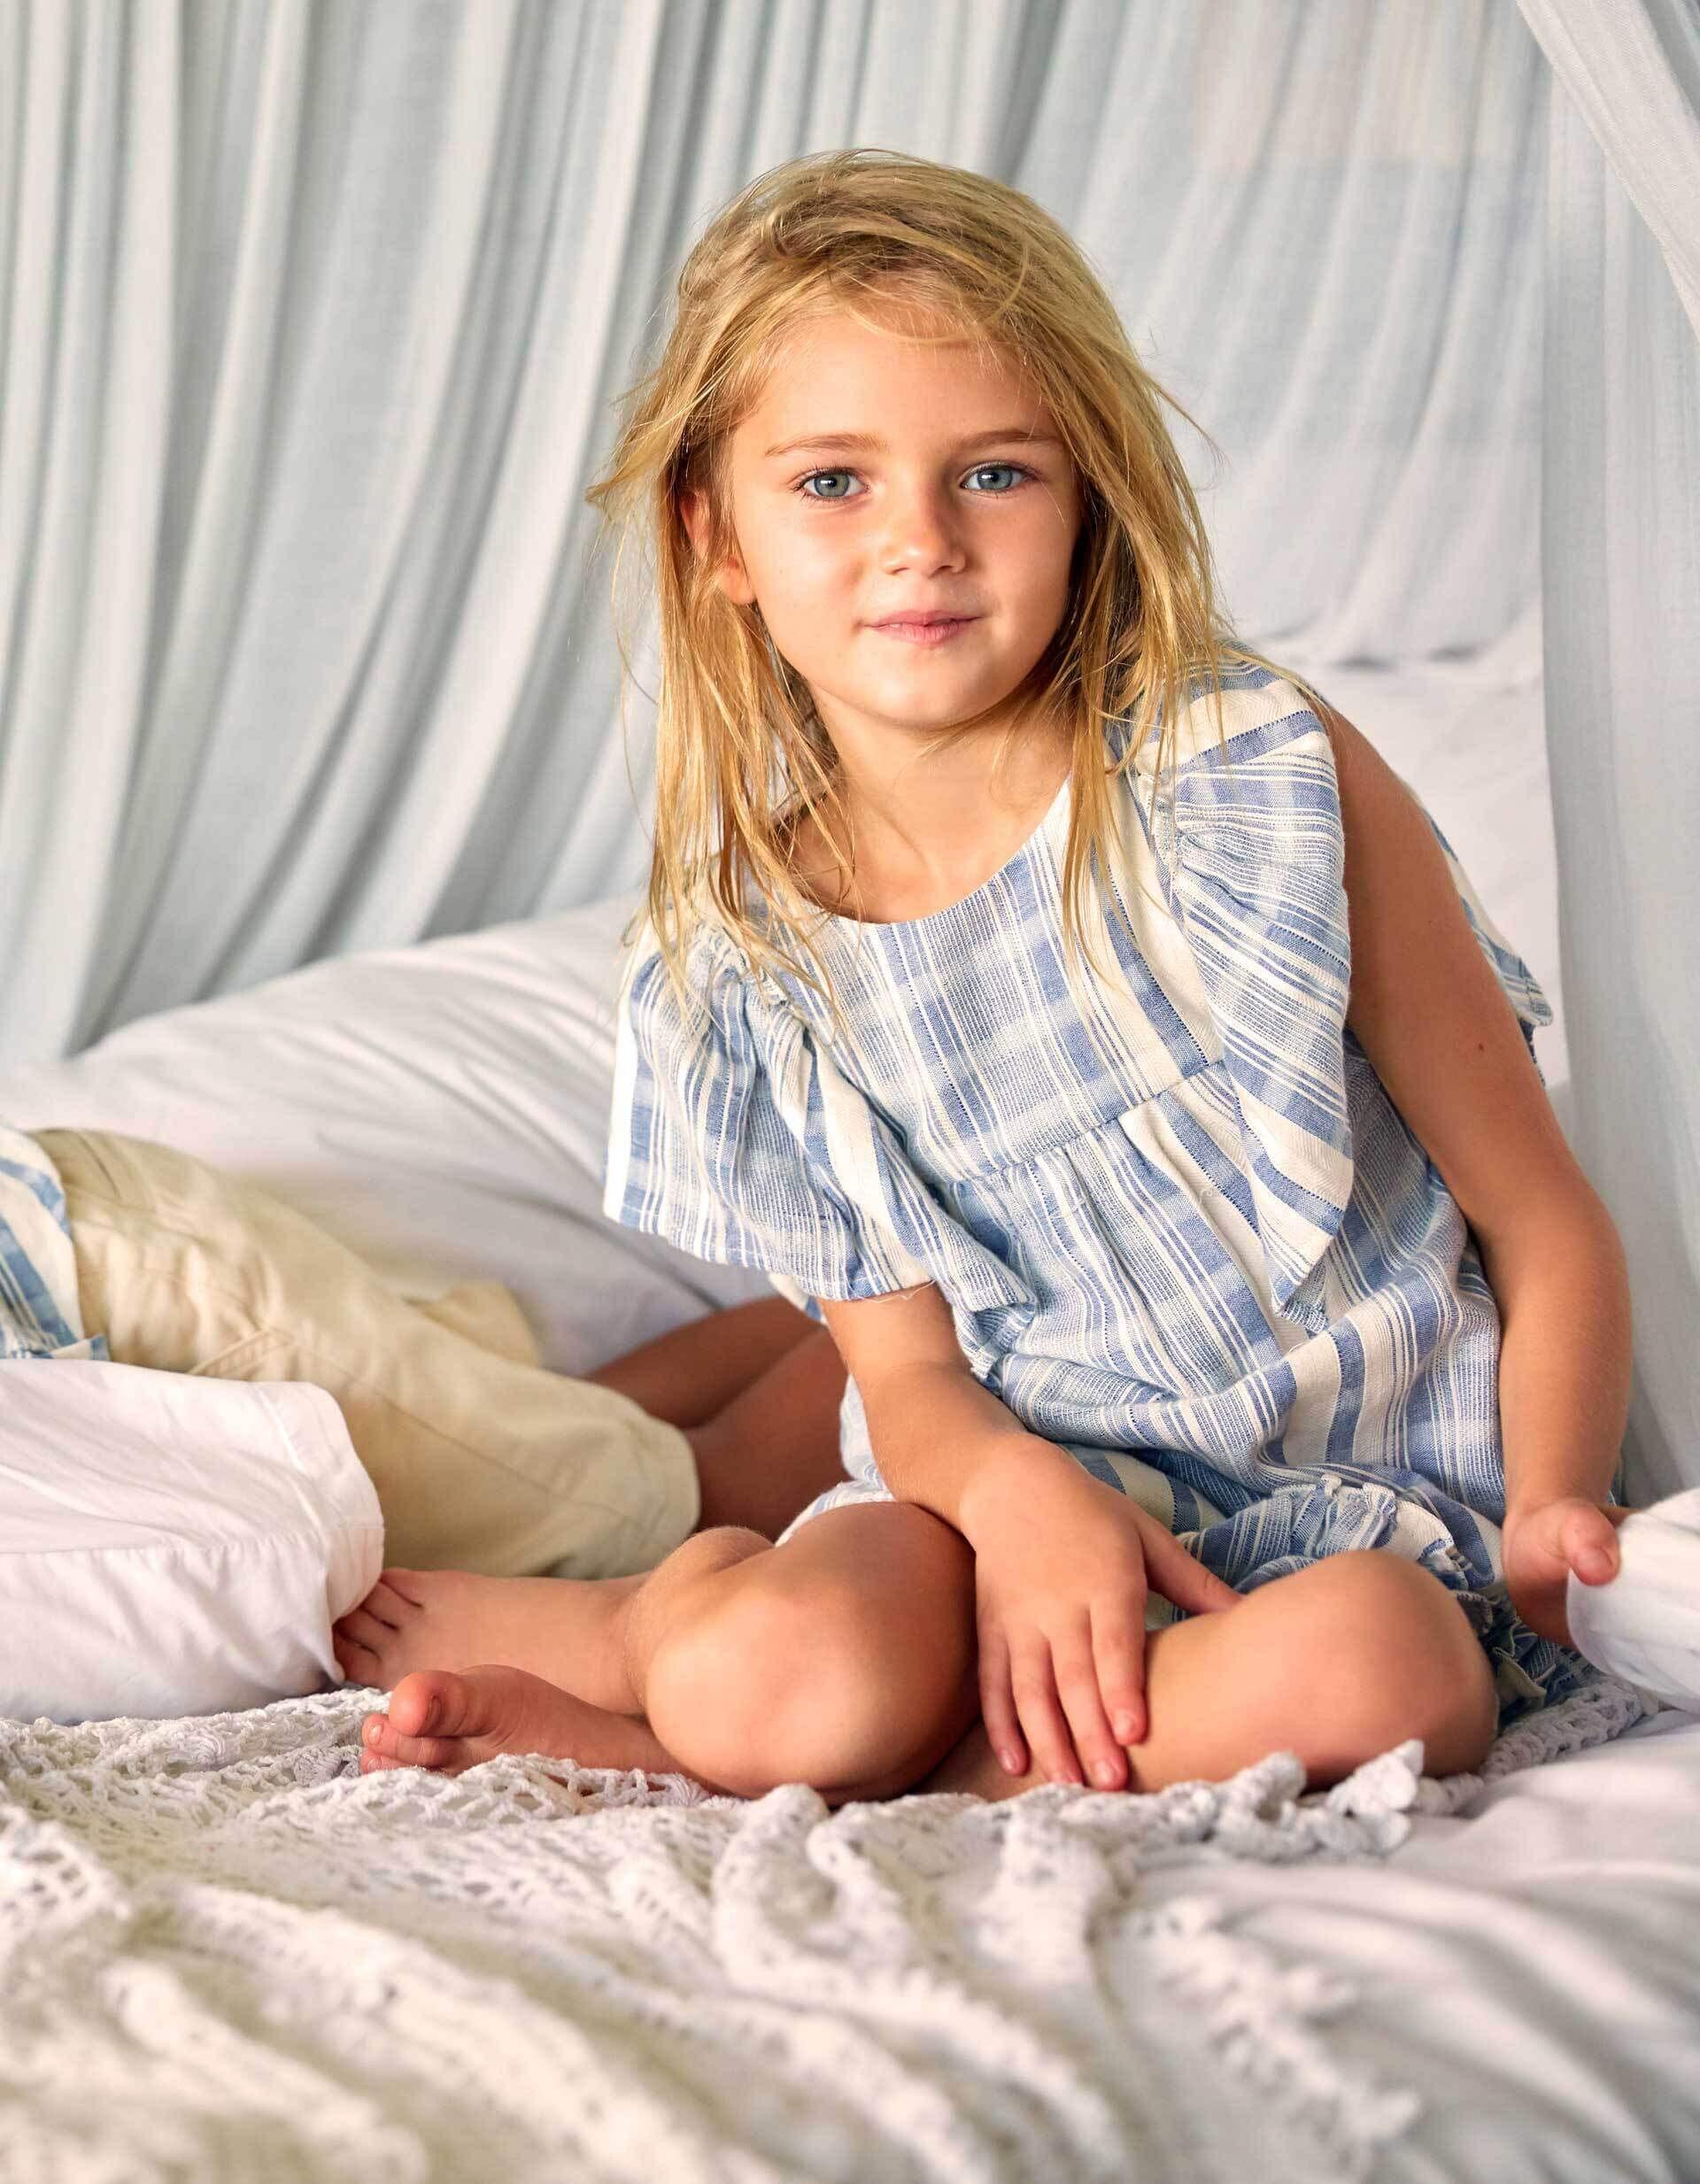 menina sentada na cama com vestido branco e azul da zippy